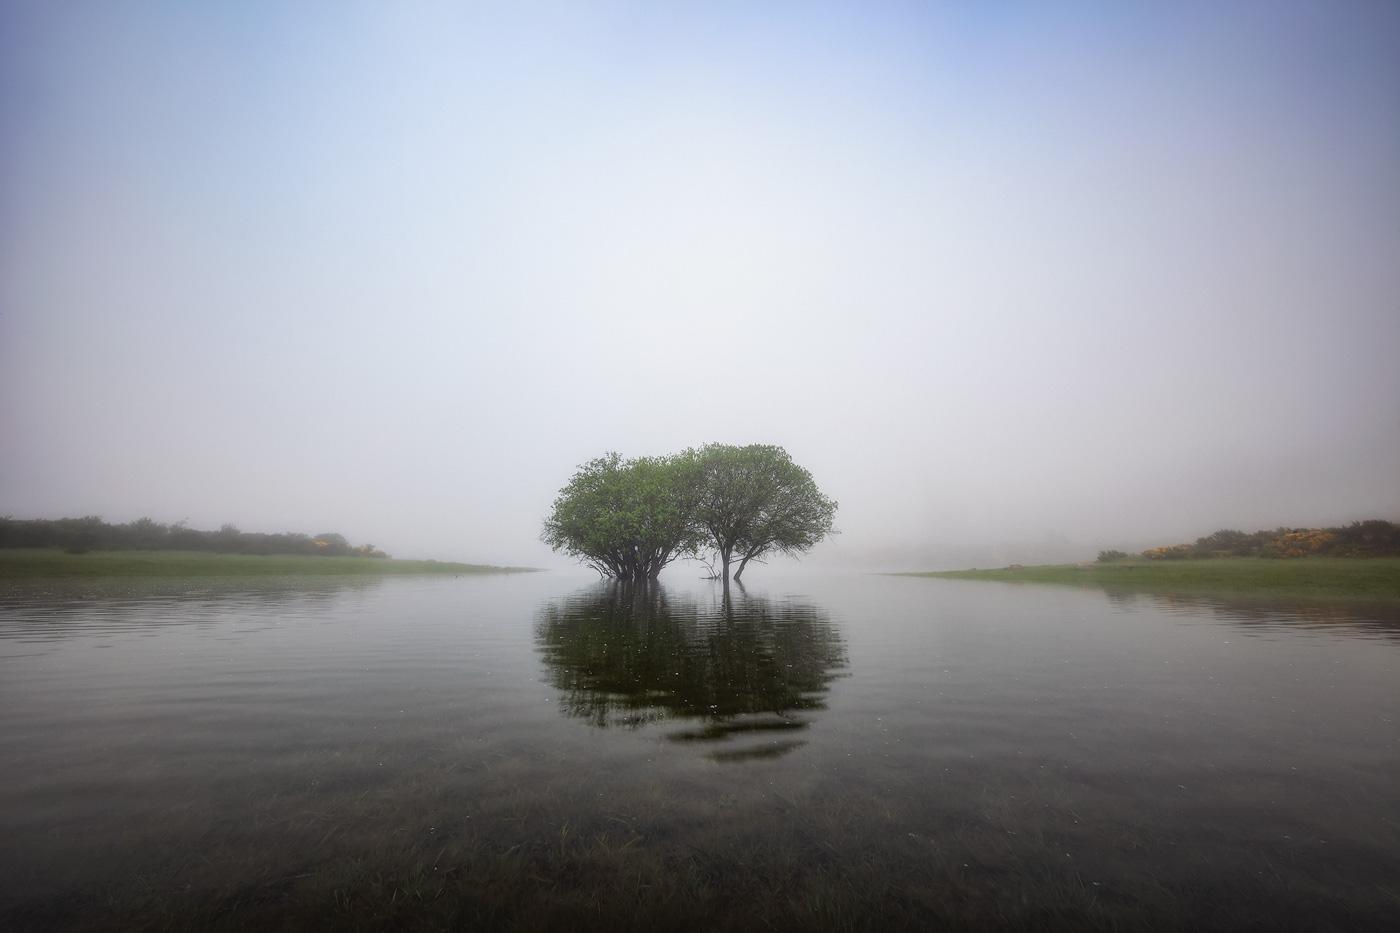 SILENCIO, SE MIRA. - Juan Pixelecta - Portfolio Natural, Fotografía de Naturaleza de Autor